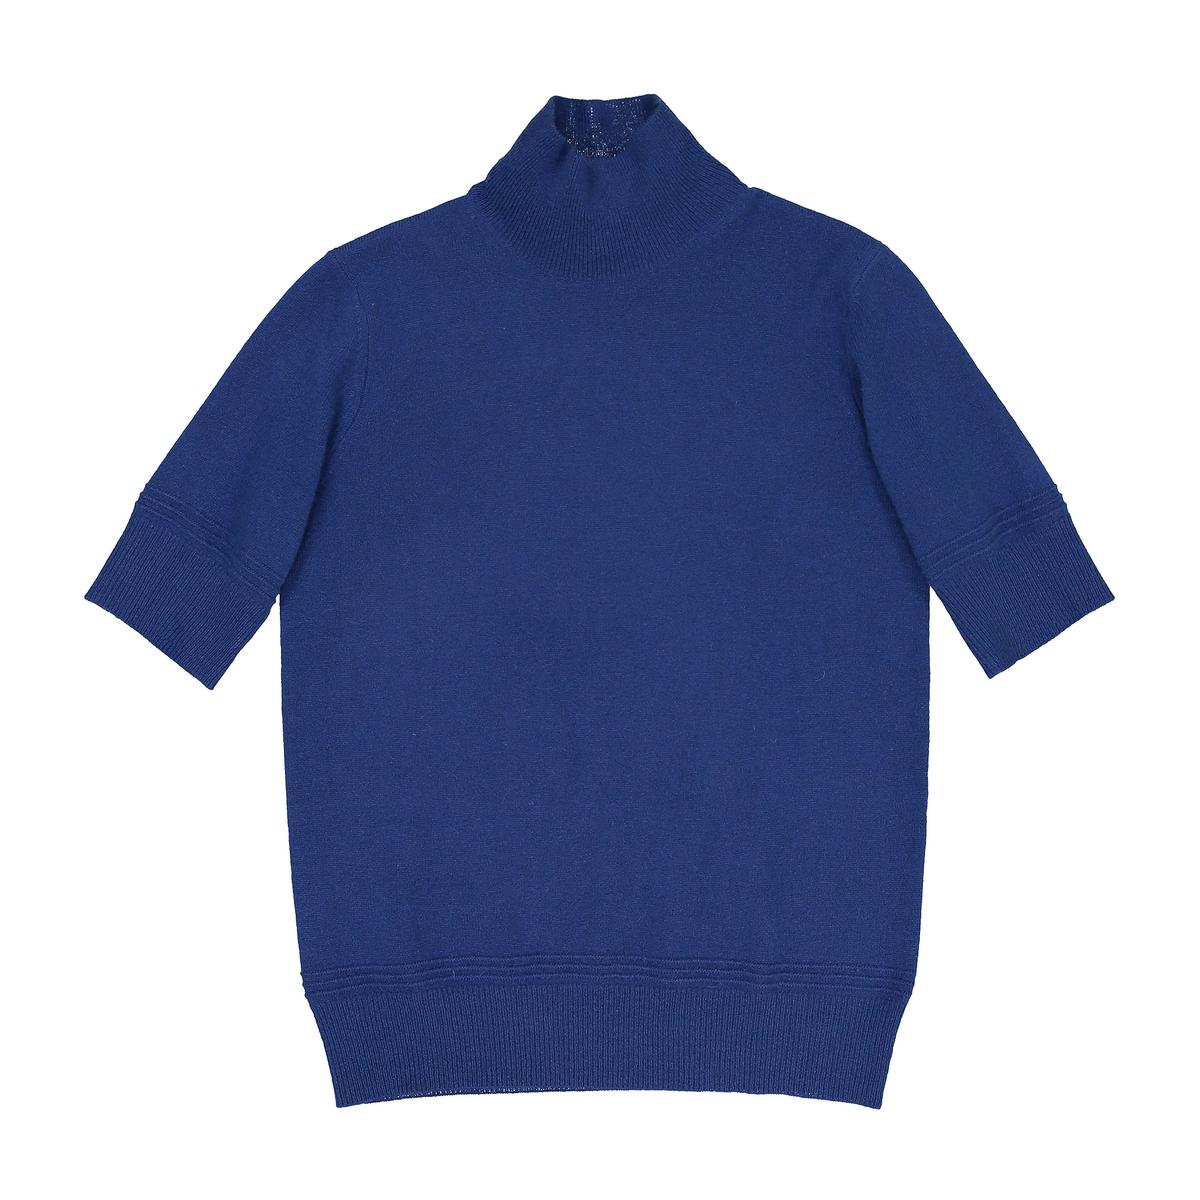 Пуловер с воротником, 100% кашемирДетали  •  Короткие рукава •  Воротник с отворотом  •  Тонкий трикотаж  Состав и уход   •  100% кашемир •  Ручная стирка   •  Сухая чистка и отбеливание запрещены     •  Не использовать барабанную сушку •  Низкая температура глажки<br><br>Цвет: темно-бежевый,темно-синий,ультрафиолет,черный<br>Размер: L.M.S.L.M.XXL.S.XL.S.M.M.XXL.L.XXL.L